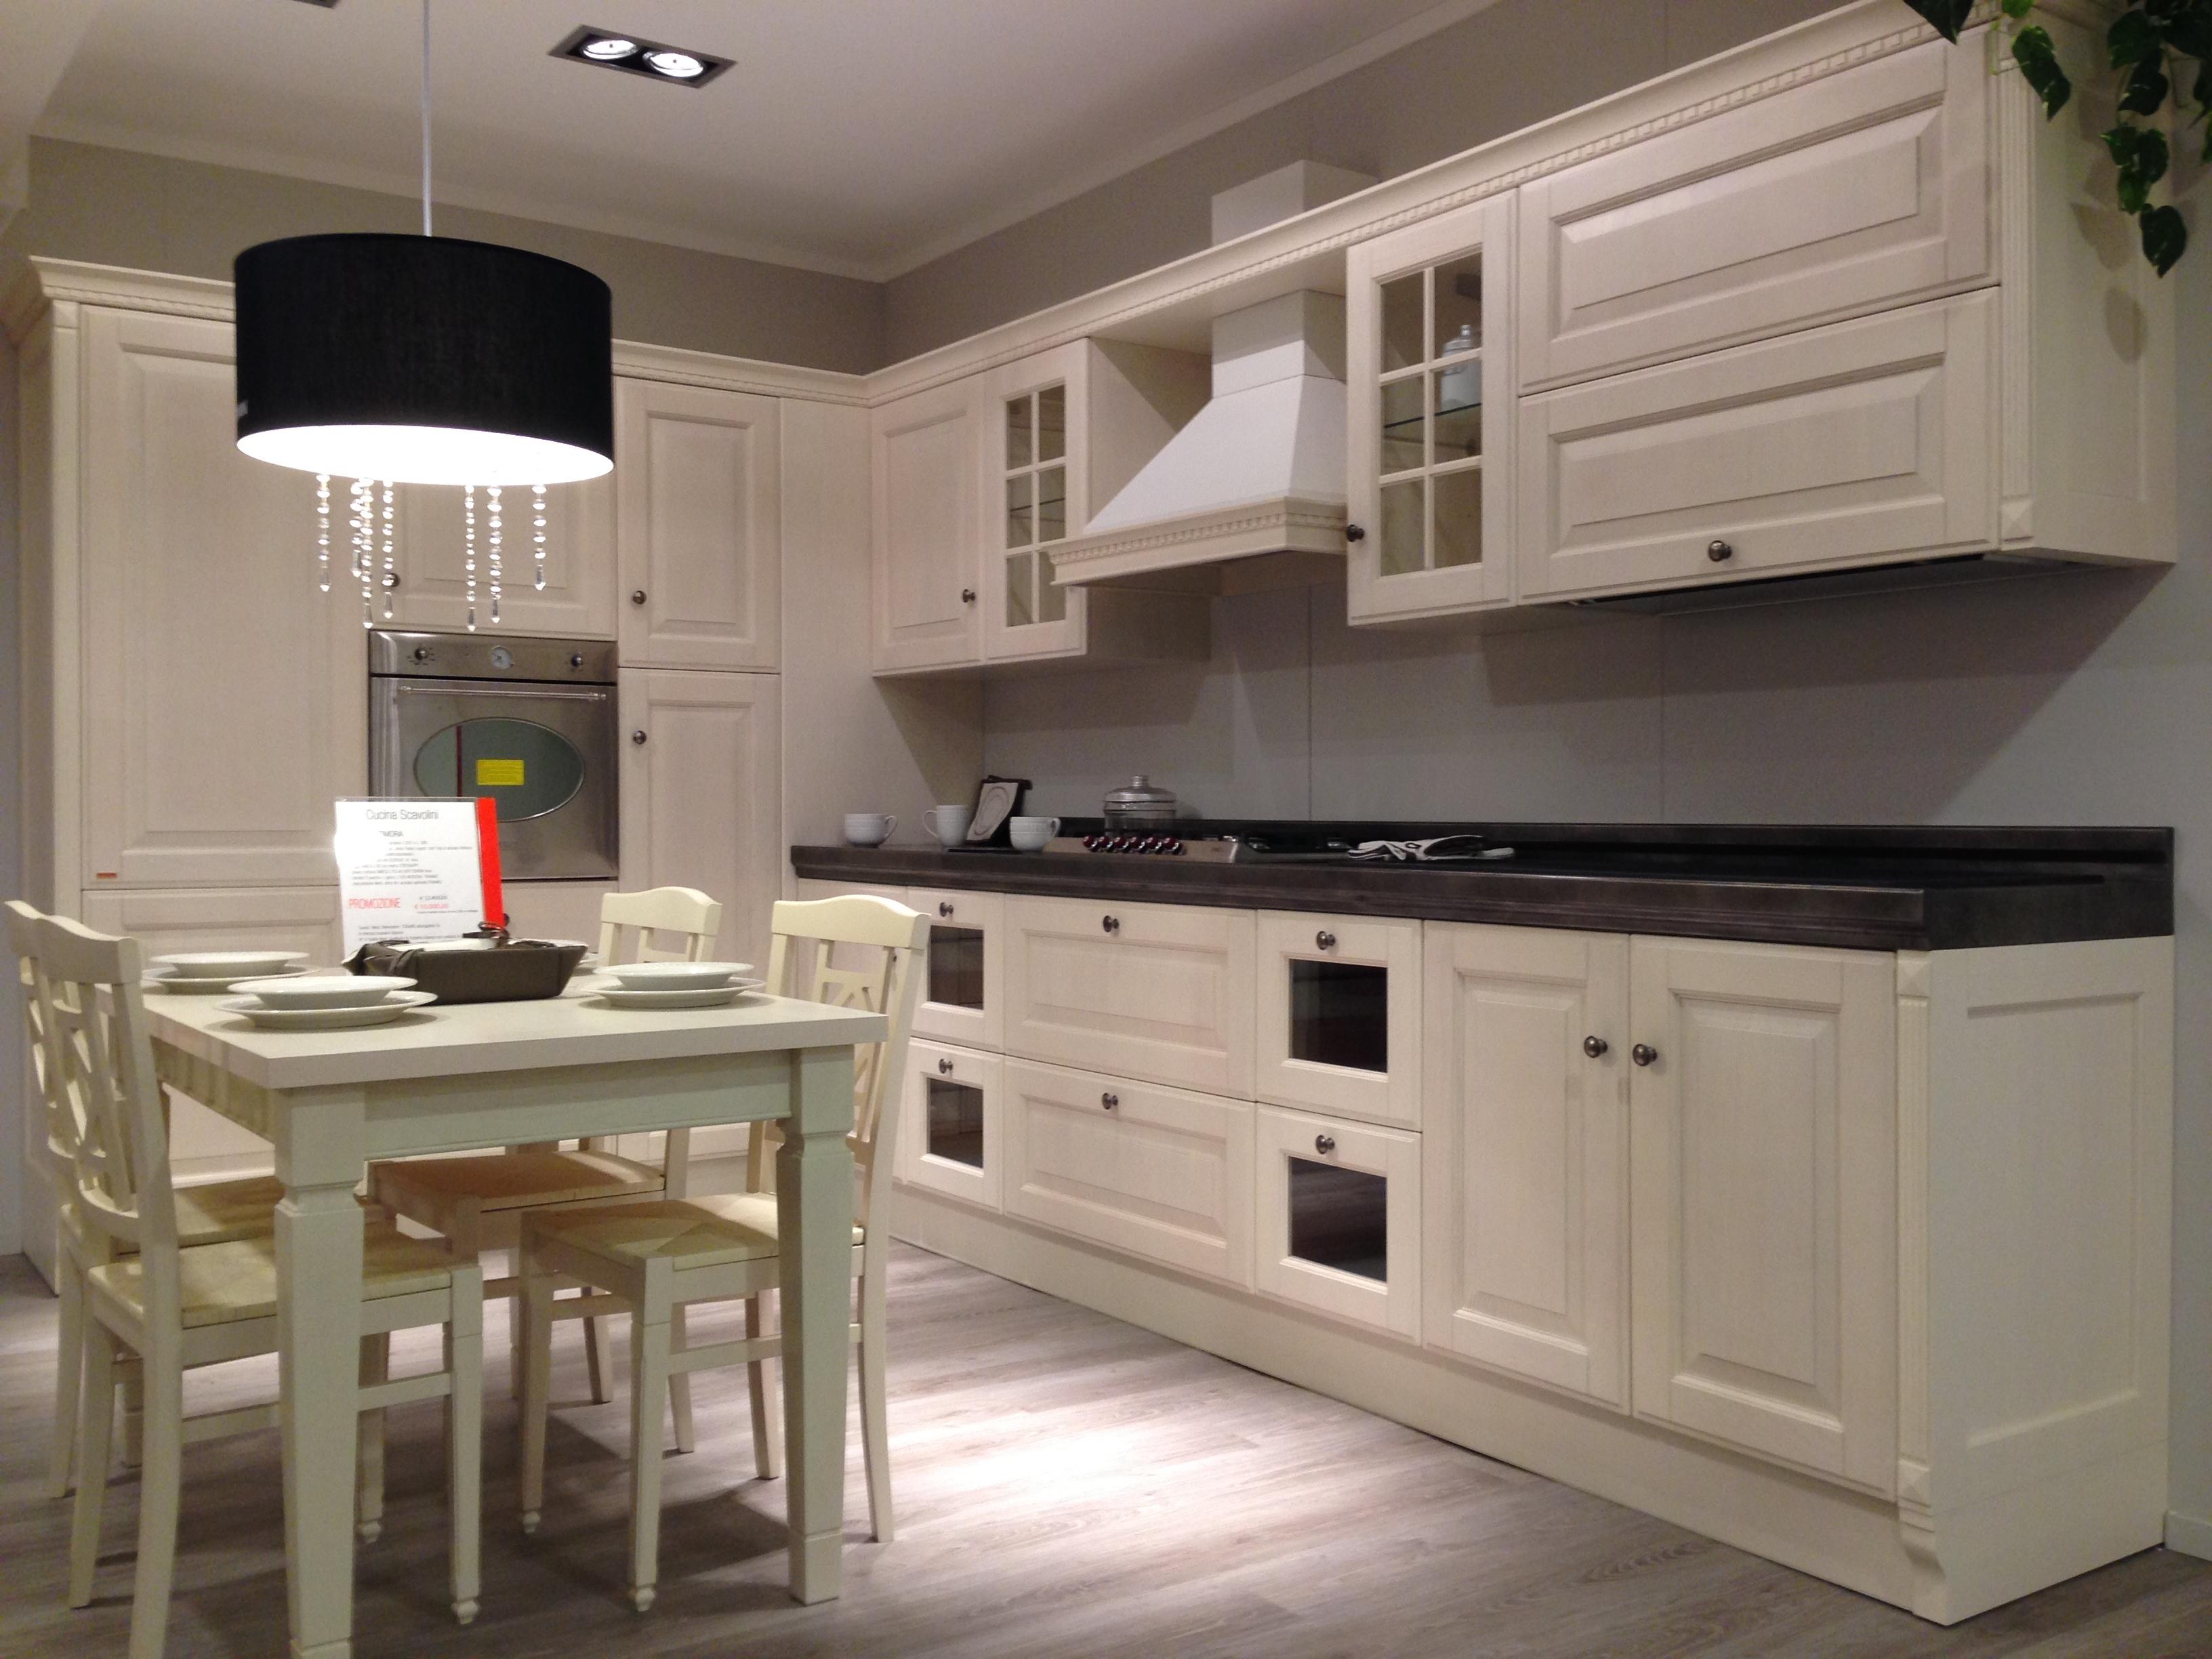 Promozione cucina baltimora cucine a prezzi scontati - Cucine scavolini prezzi ...